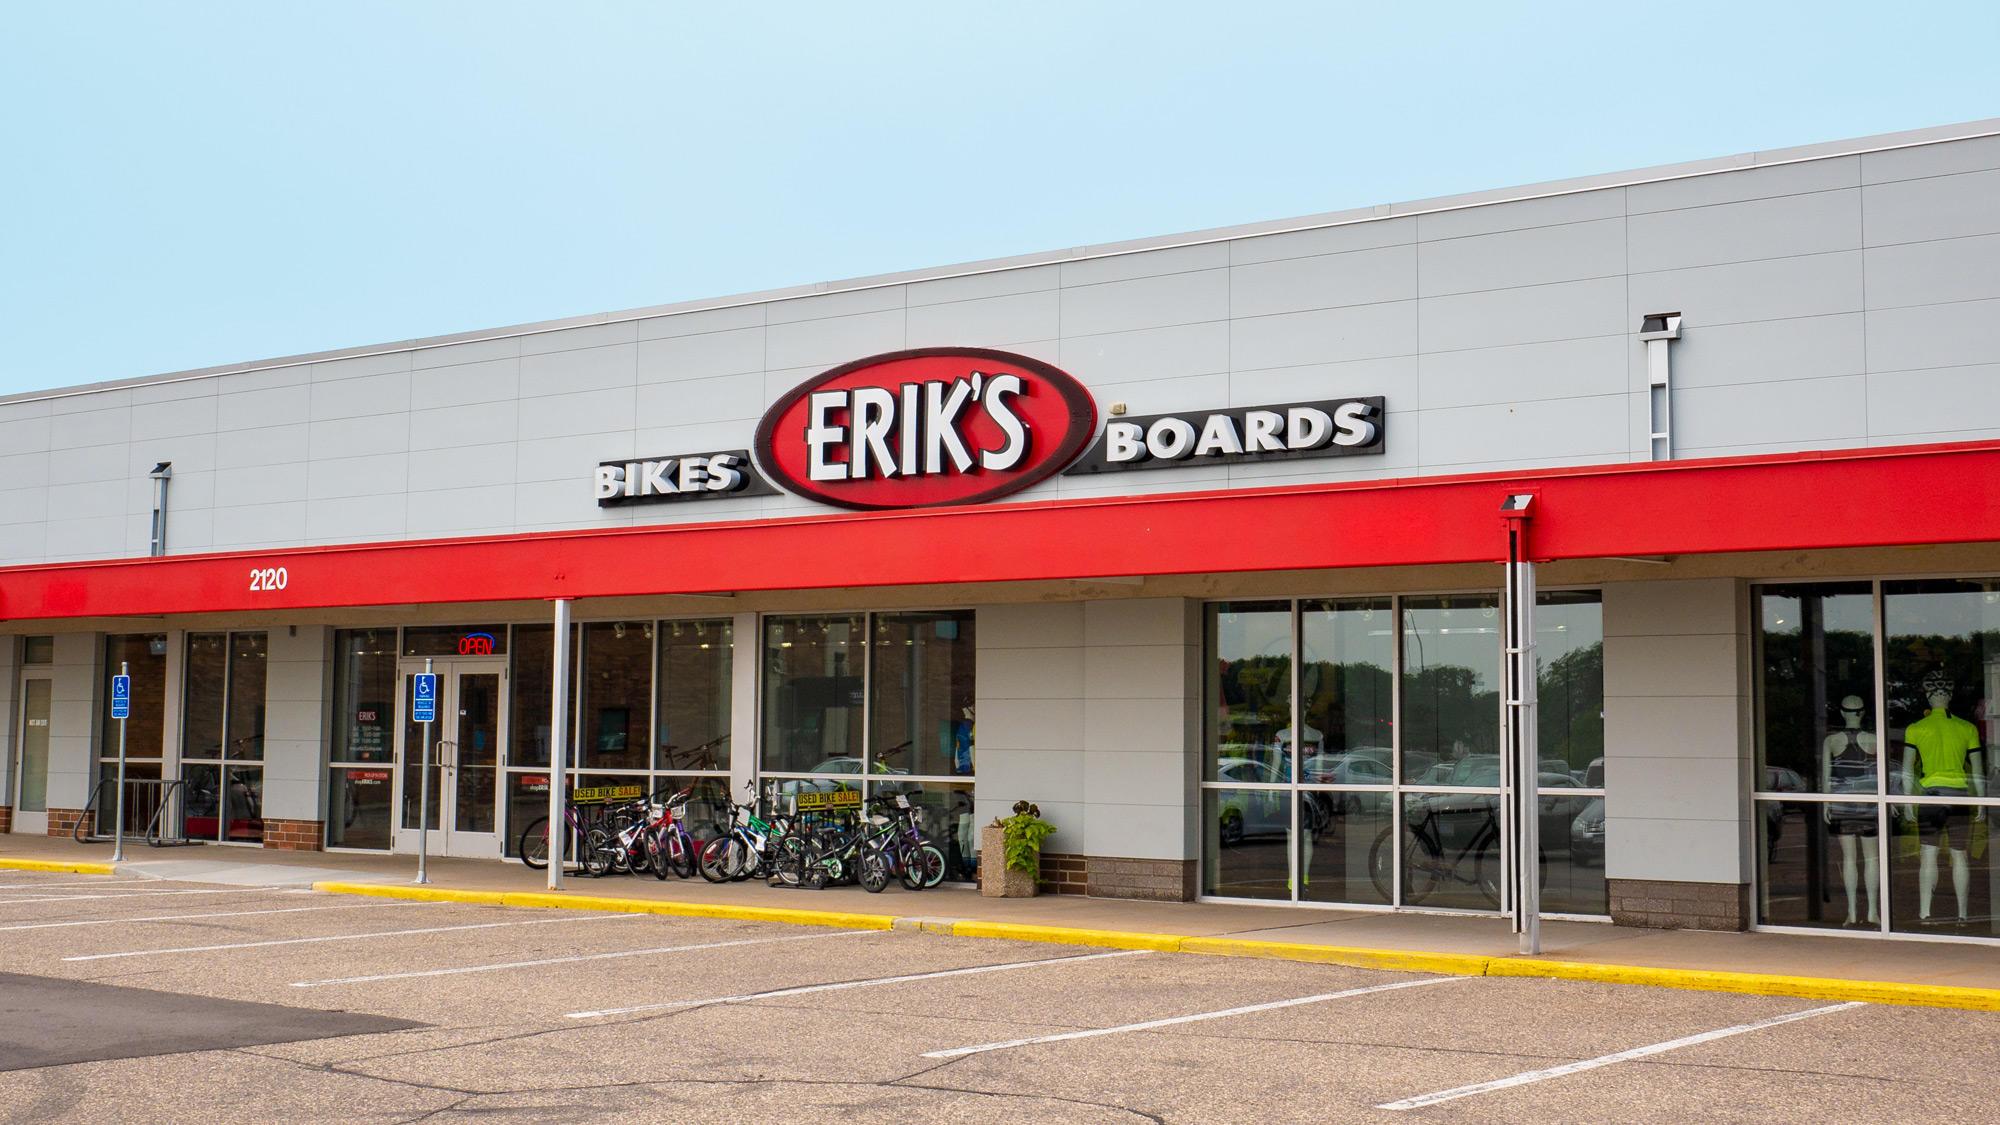 Coon Rapids Eriks bike shop bike storefront